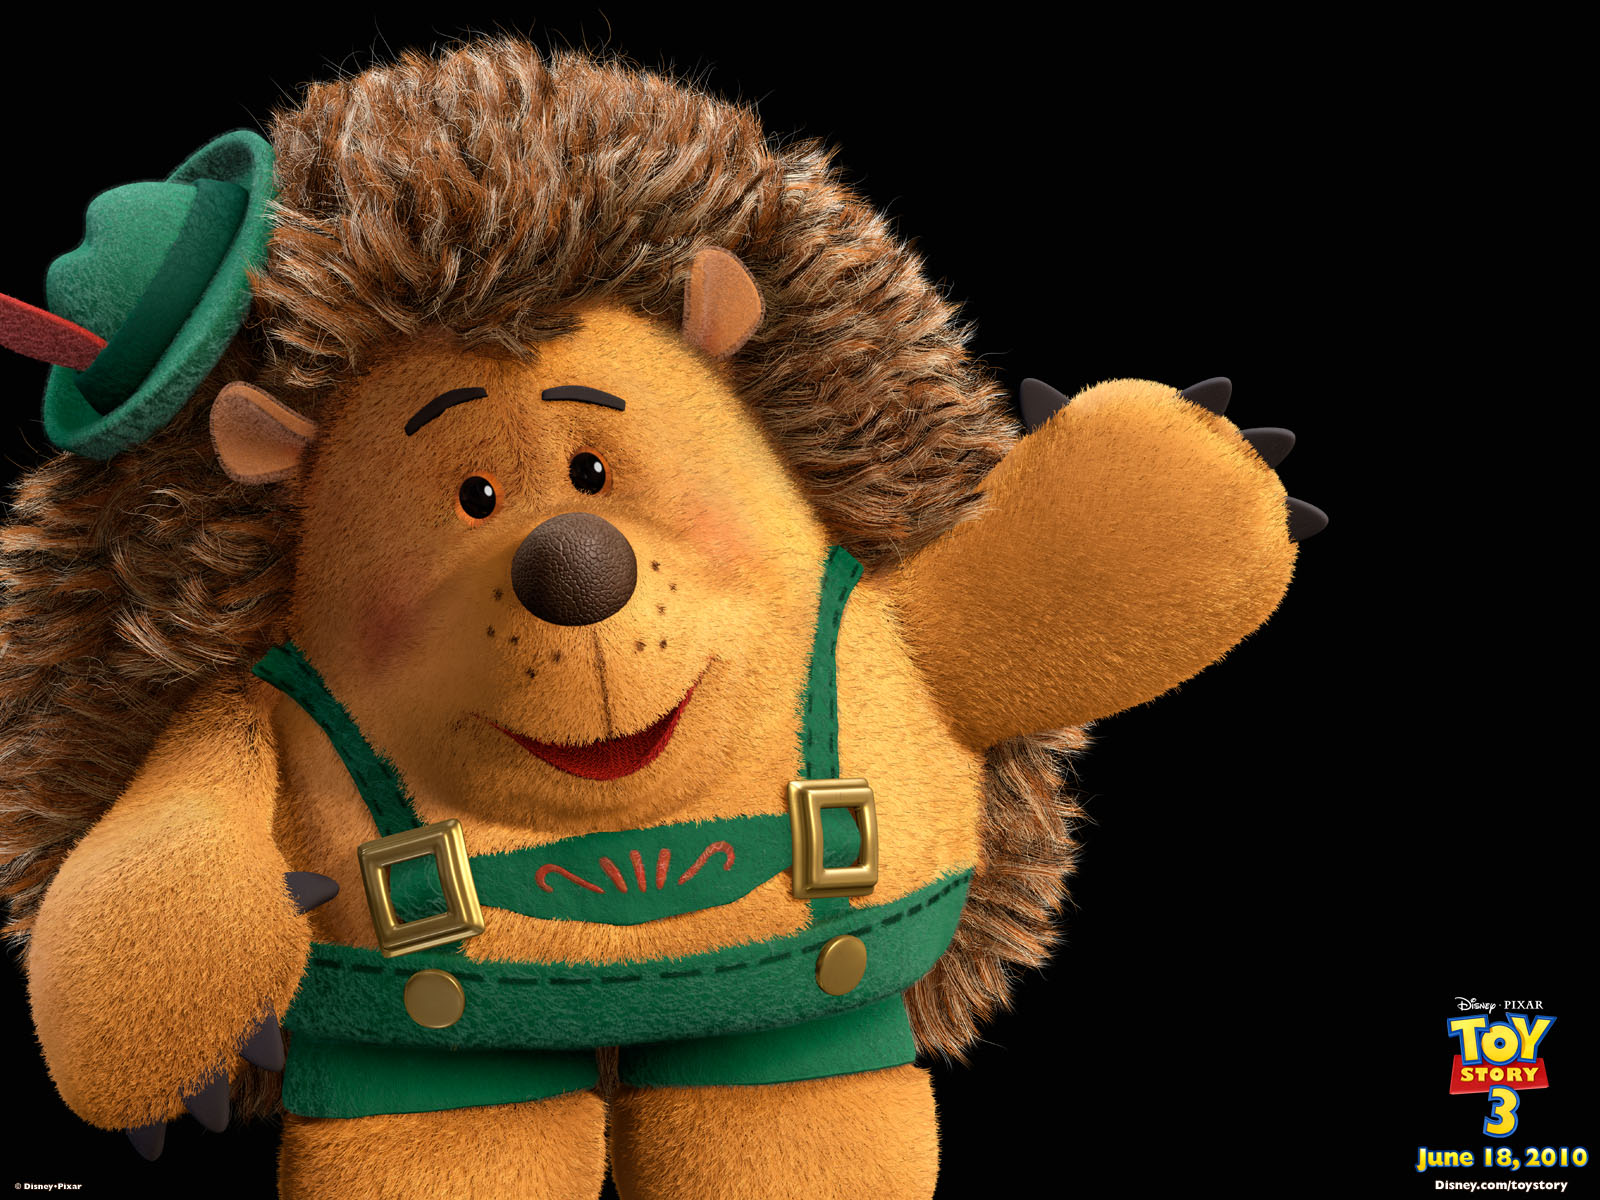 Toy Story 3 Toys : Mr pricklepants pixar wiki fandom powered by wikia